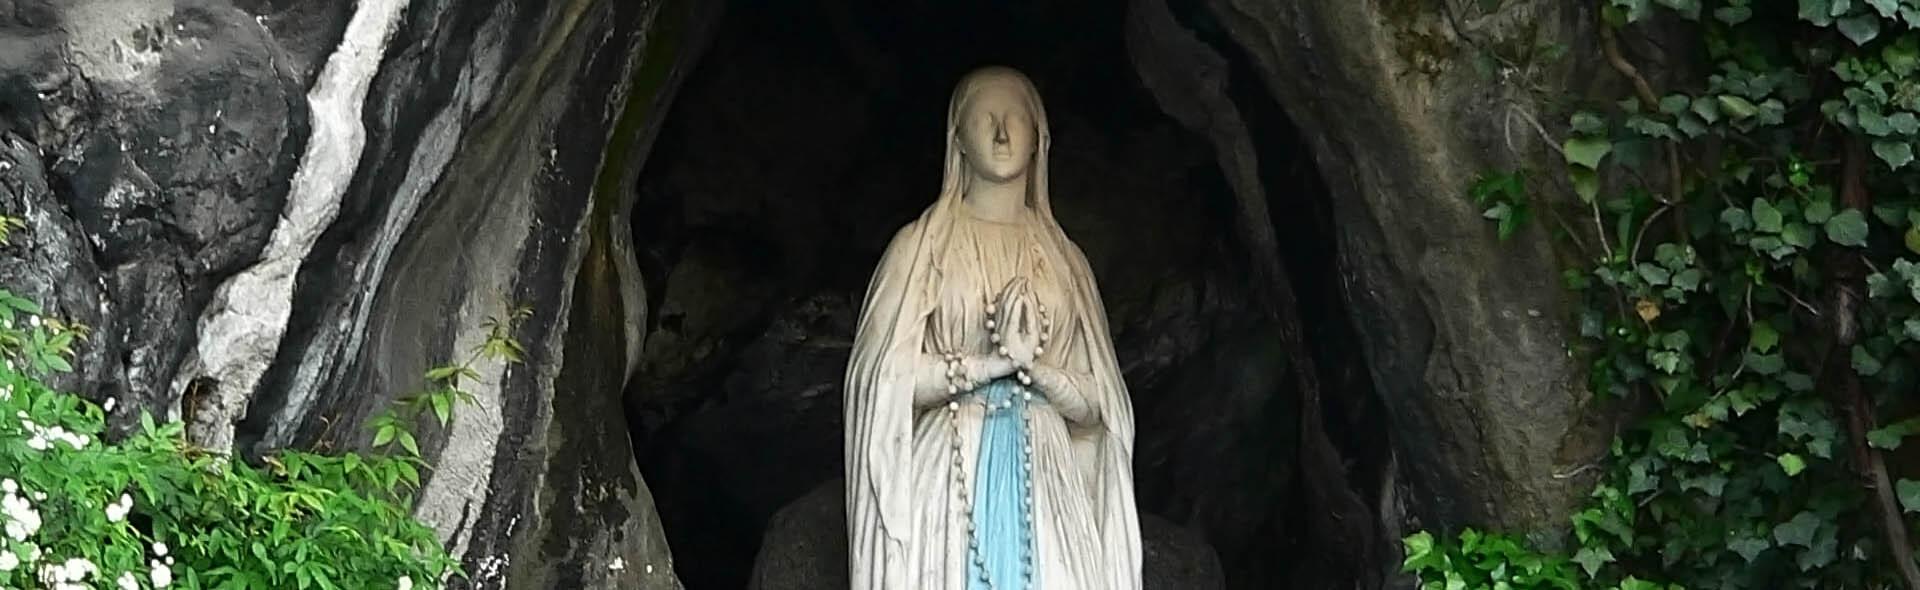 Viaggio a Lourdes in Aereo da Roma Settembre